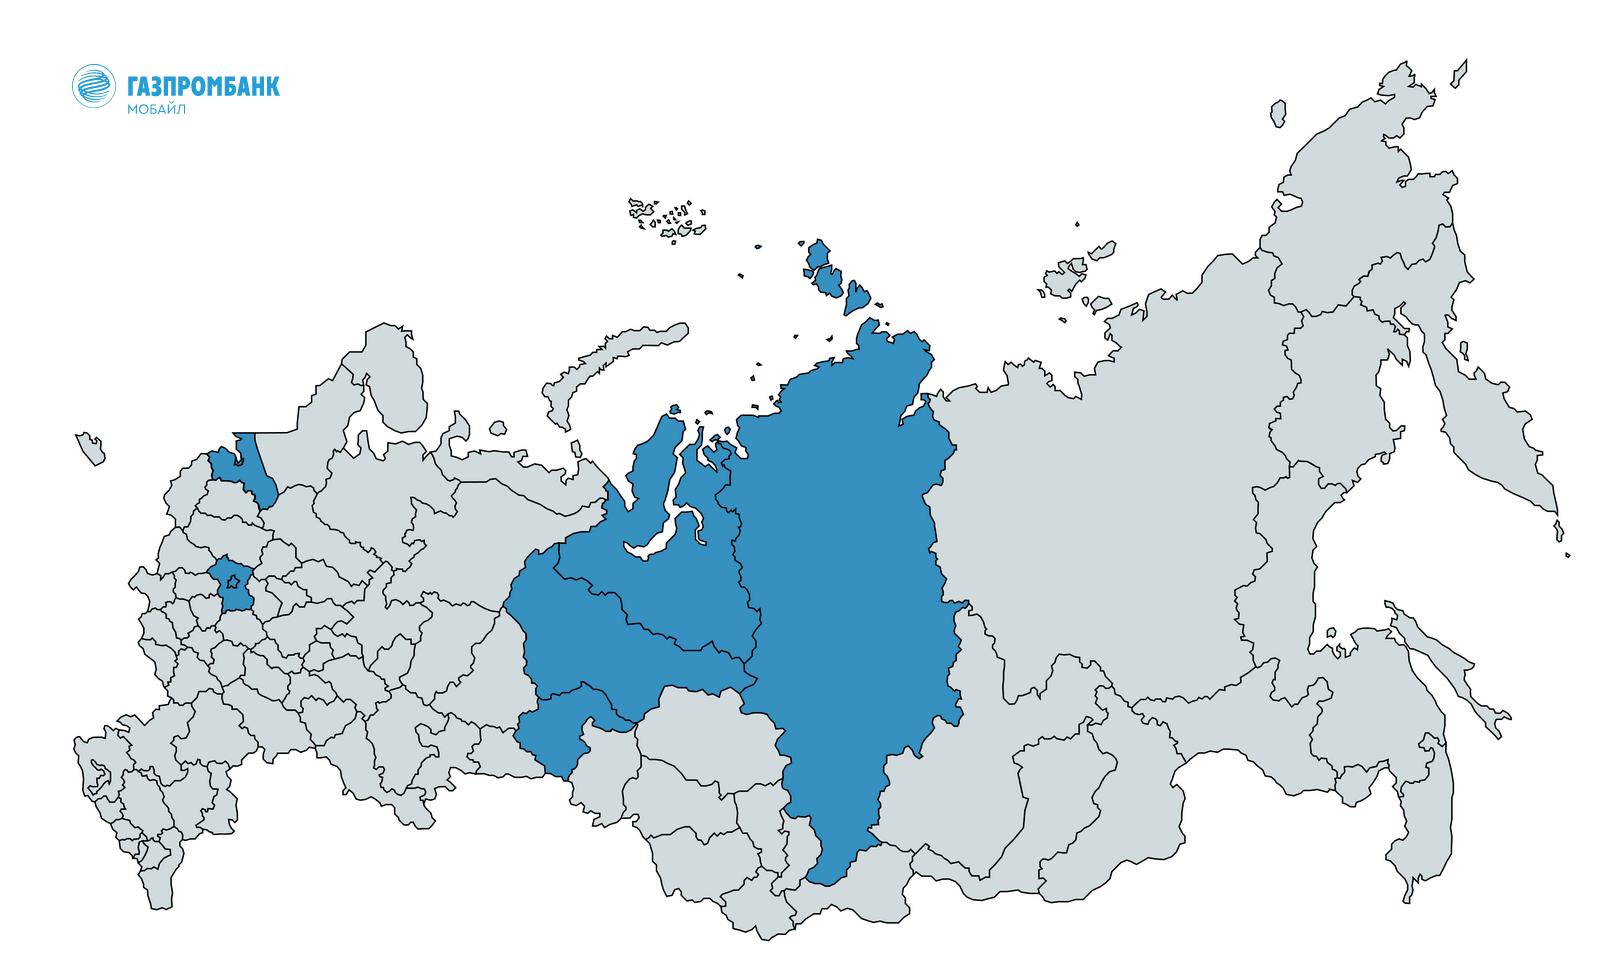 Газпромбанк Мобайл запустил сеть в Тюмени и Тюменской области, Ханты-Мансийском и Ямало-Ненецком автономных округах 2